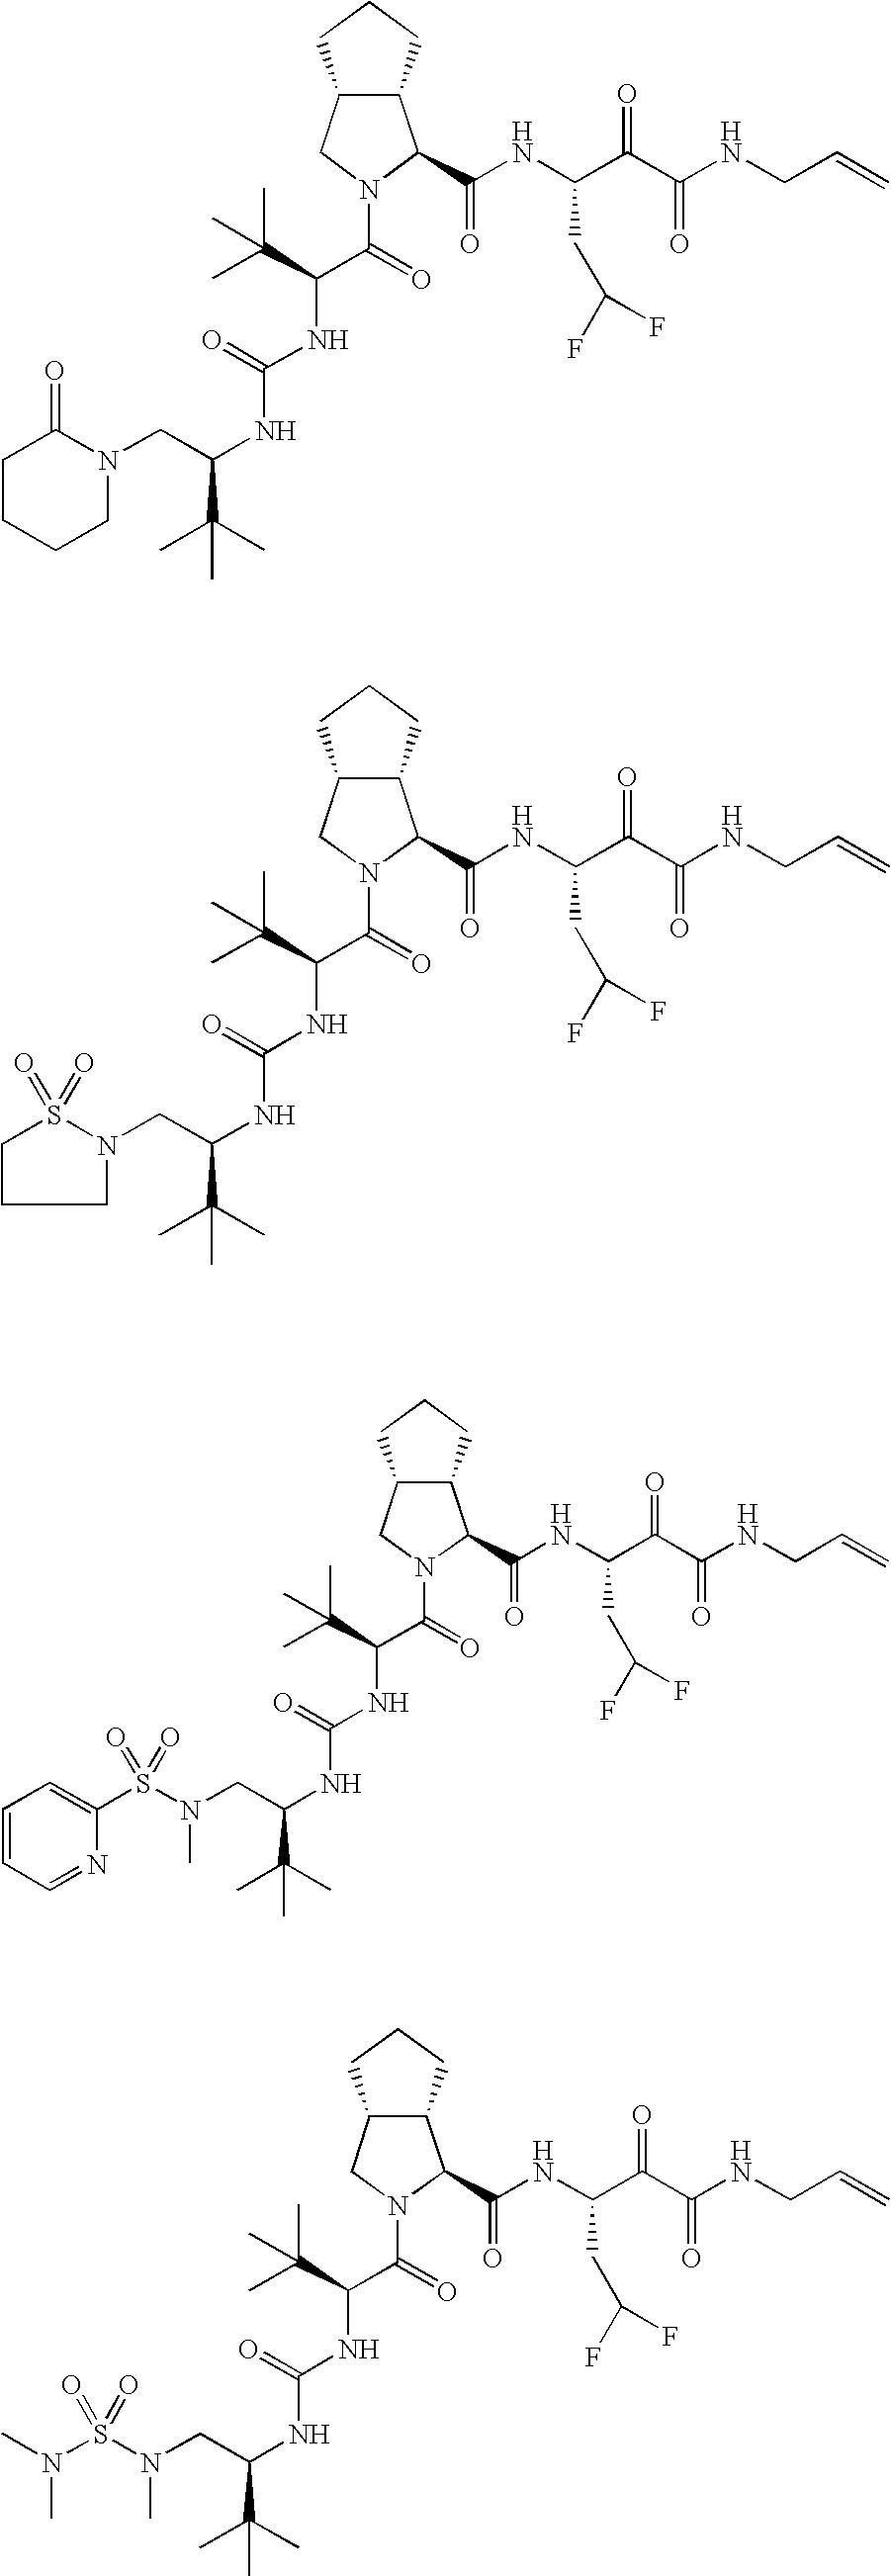 Figure US20060287248A1-20061221-C00535